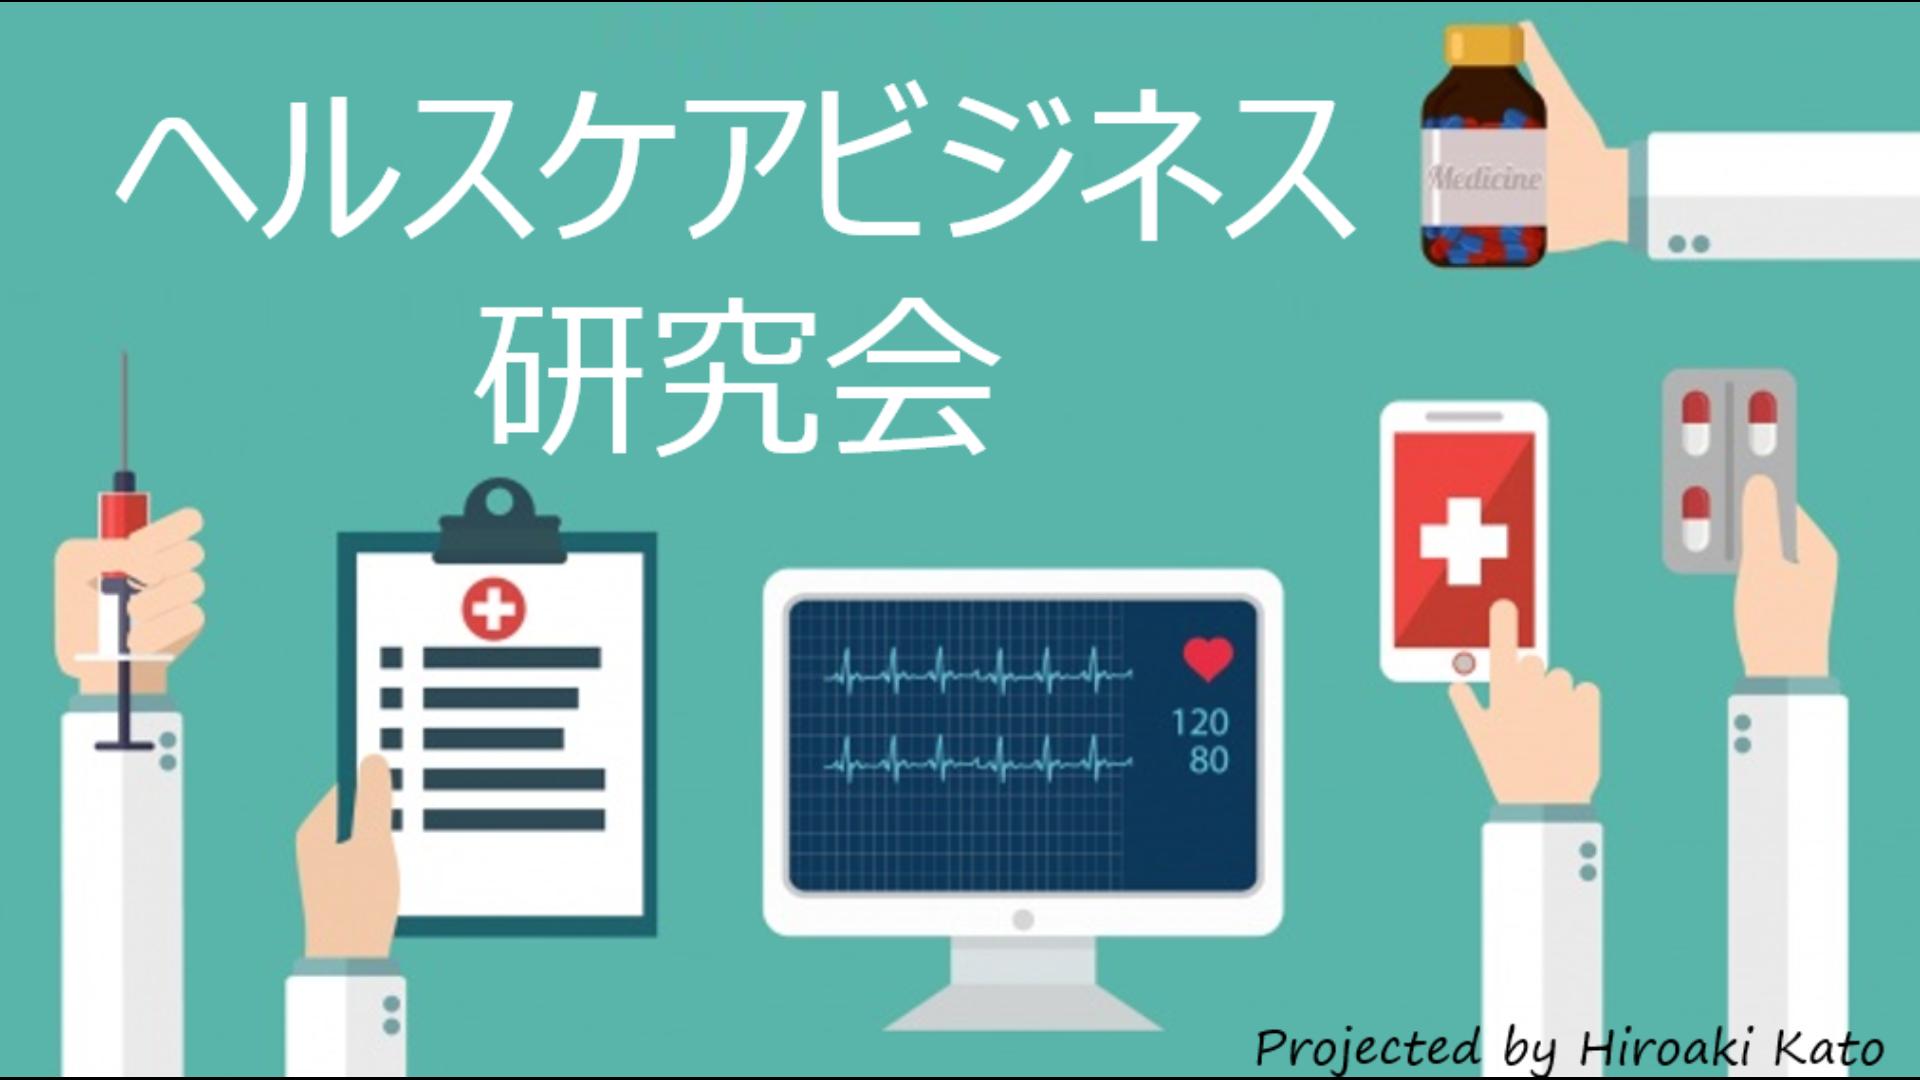 ヘルスケアビジネス研究会(予防・健康増進、医療、介護)